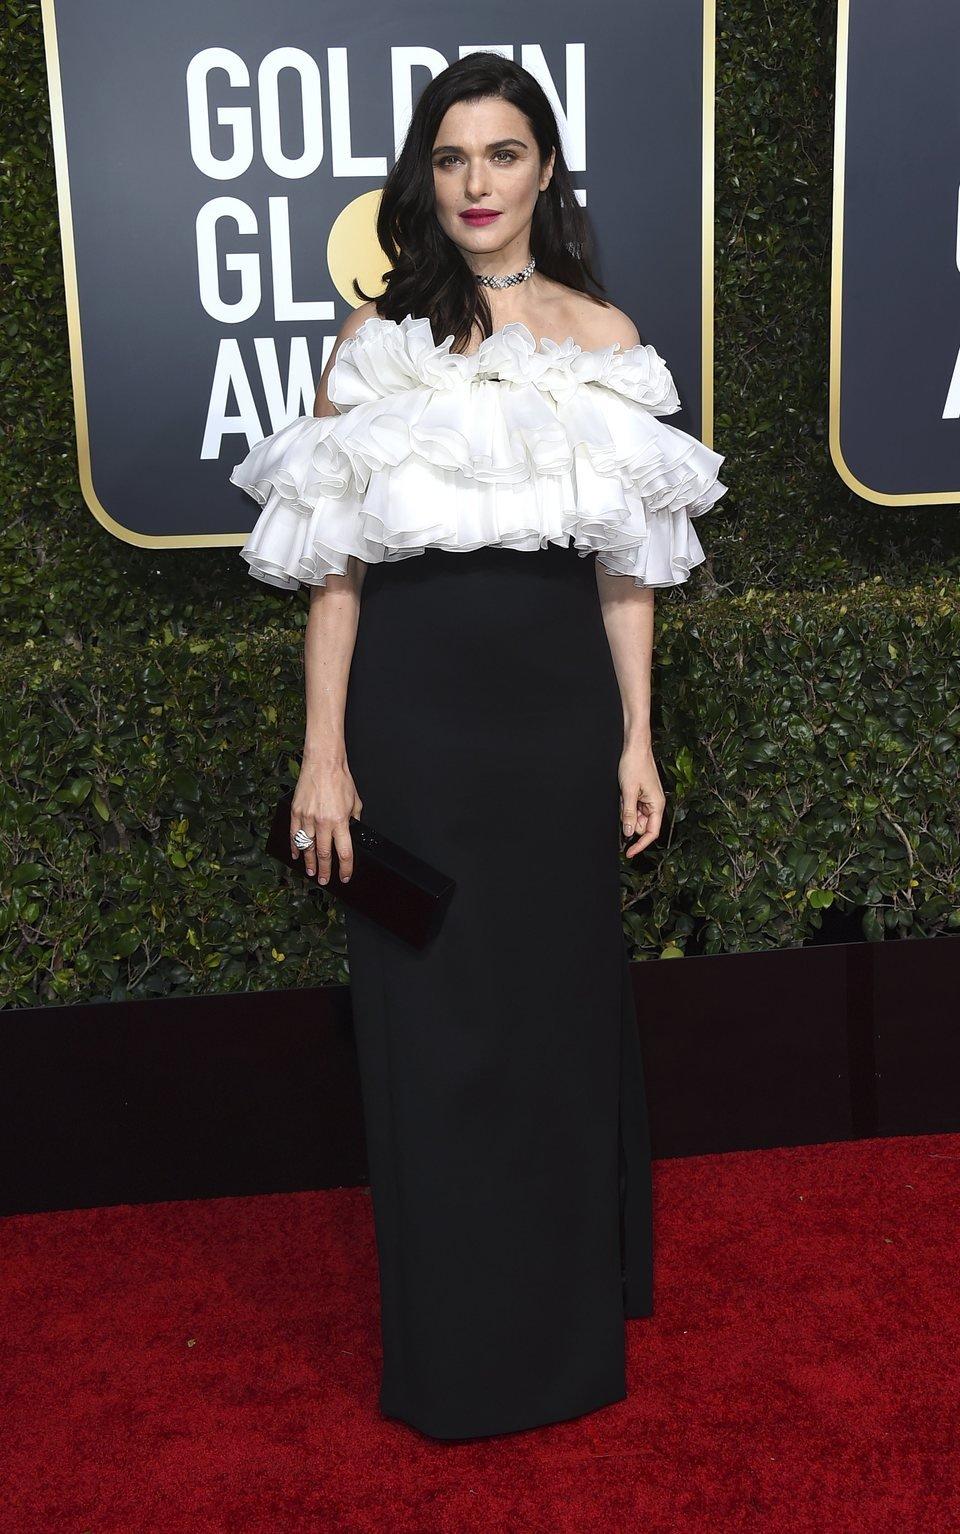 Rachel Weisz at the Golden Globes 2019 red carpet